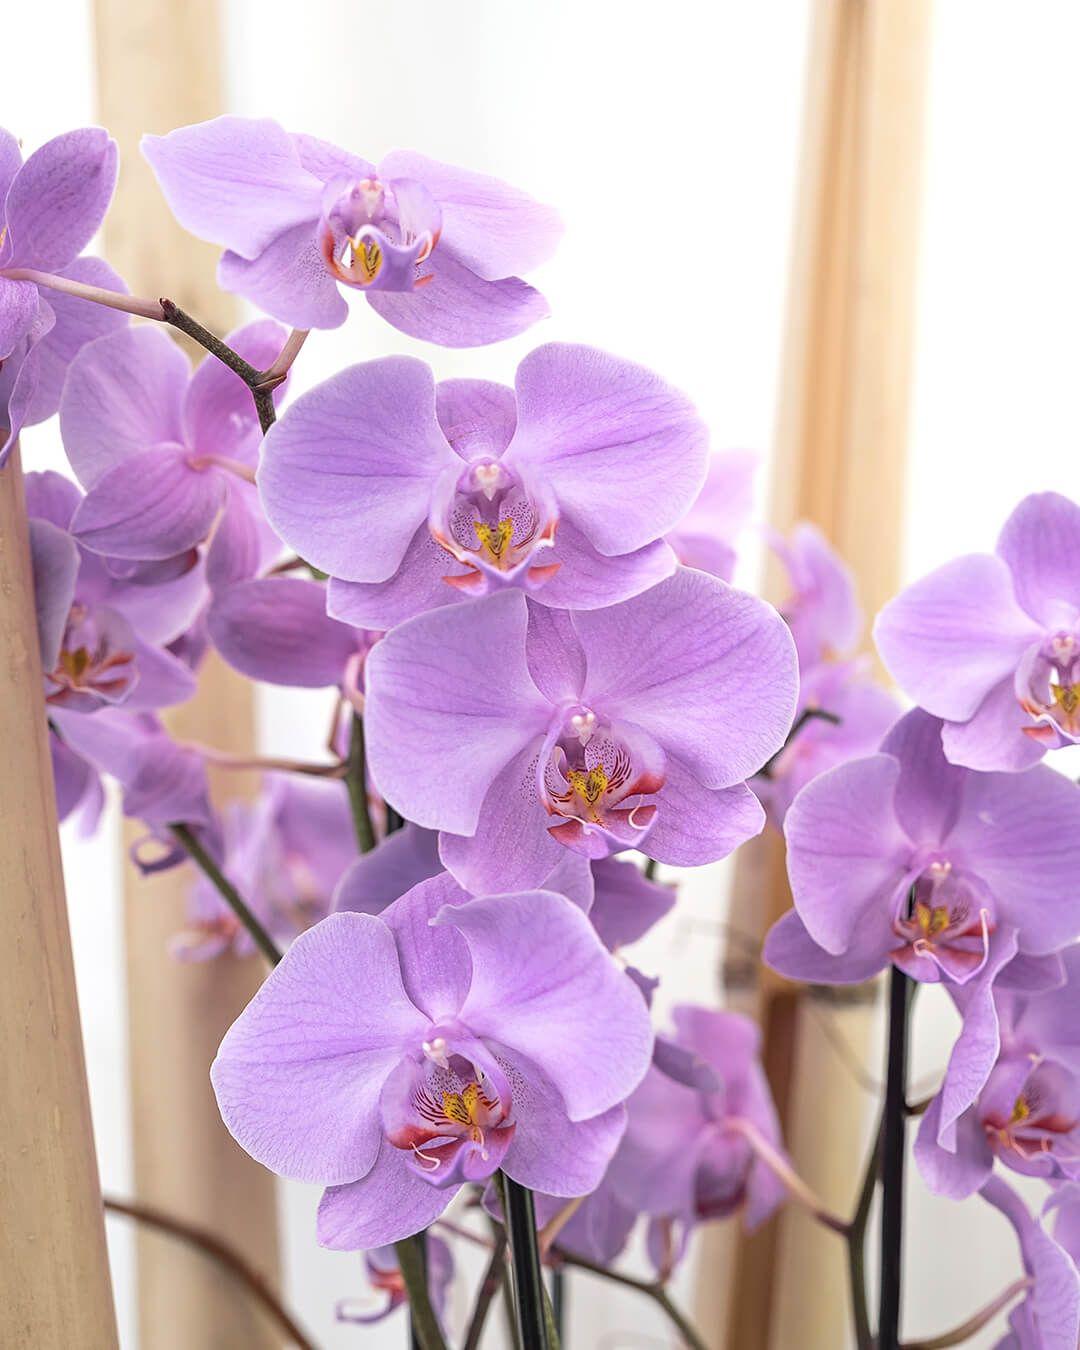 Bunga Anggrek Sering Menjadi Idaman Karena Memiliki Kelopak Yang